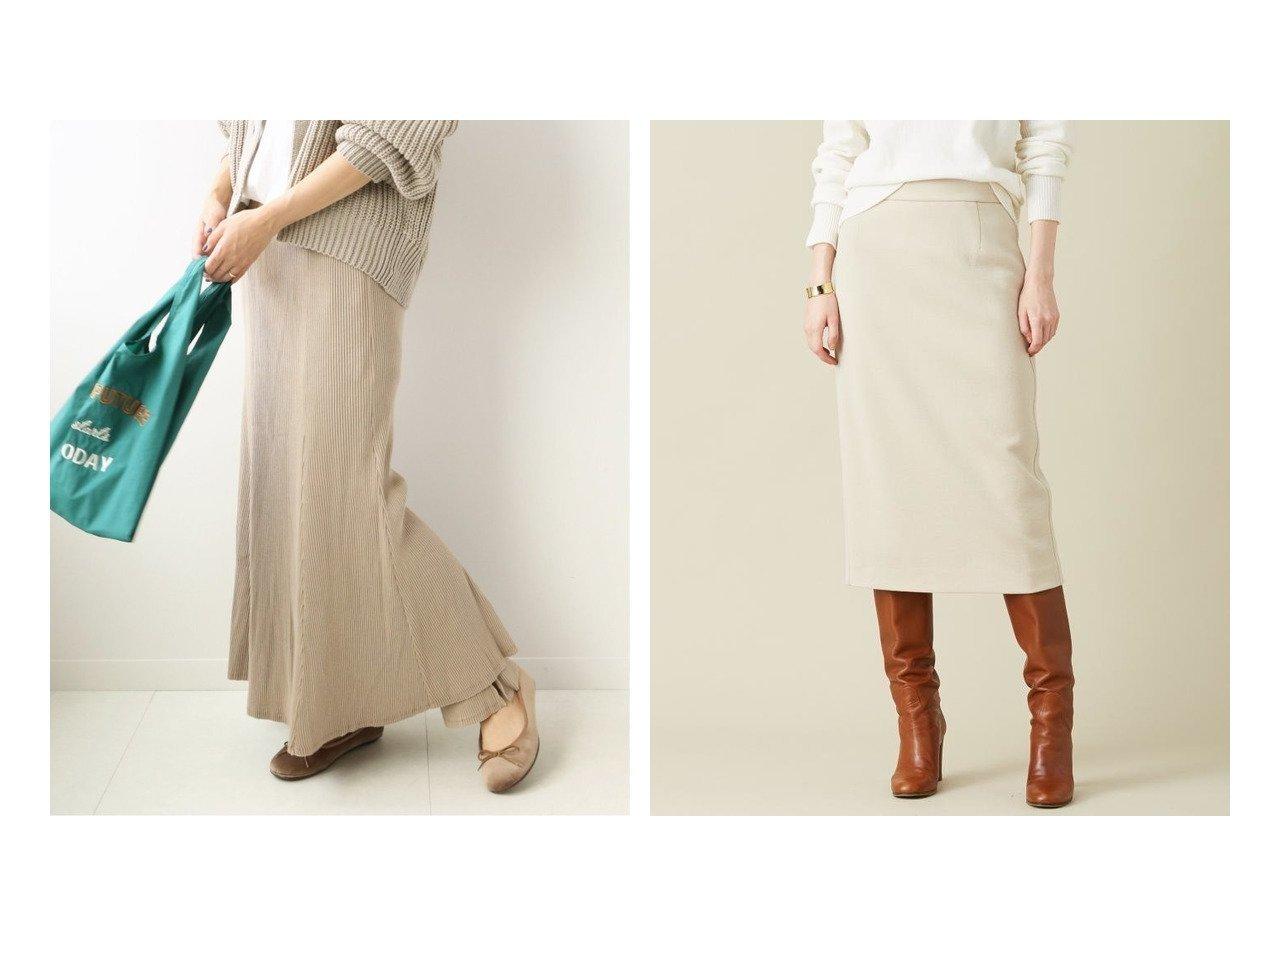 【BEIGE,/ベイジ,】のスカート&【JOURNAL STANDARD relume/ジャーナルスタンダード レリューム】の《追加》コットンテレコリブ マーメイドスカート スカートのおすすめ!人気、トレンド・レディースファッションの通販  おすすめで人気の流行・トレンド、ファッションの通販商品 メンズファッション・キッズファッション・インテリア・家具・レディースファッション・服の通販 founy(ファニー) https://founy.com/ ファッション Fashion レディースファッション WOMEN スカート Skirt 2020年 2020 2020-2021 秋冬 A/W AW Autumn/Winter / FW Fall-Winter 2020-2021 A/W 秋冬 AW Autumn/Winter / FW Fall-Winter カットソー シンプル トレンド マーメイド タイトスカート 再入荷 Restock/Back in Stock/Re Arrival |ID:crp329100000019216